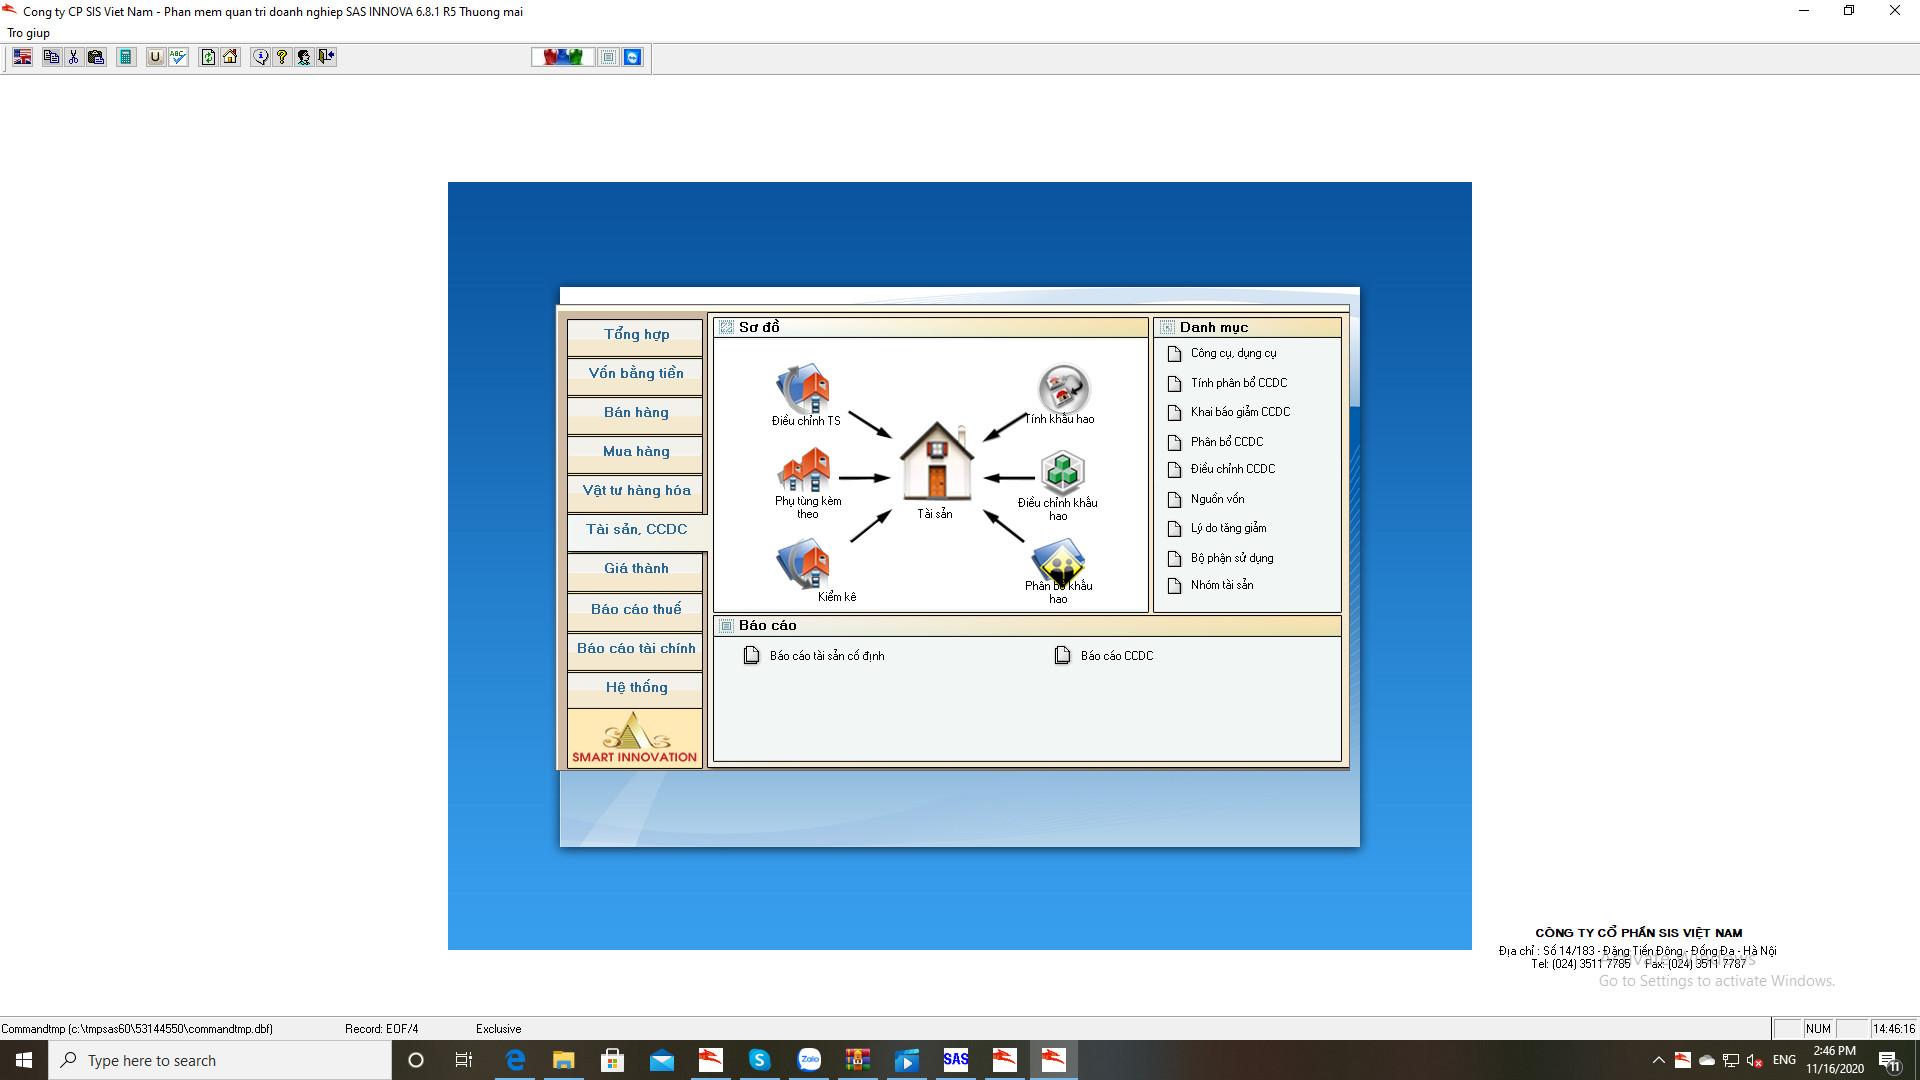 Phần mềm quản trị và Phần mềm kế toán theo đặc thù ngành nghề( SIS X) - Hàng chính hãng - Phù hợp cho mọi loại hình doanh nghiệp - Update liên tục thông tư quyết định của Bộ Tài chính